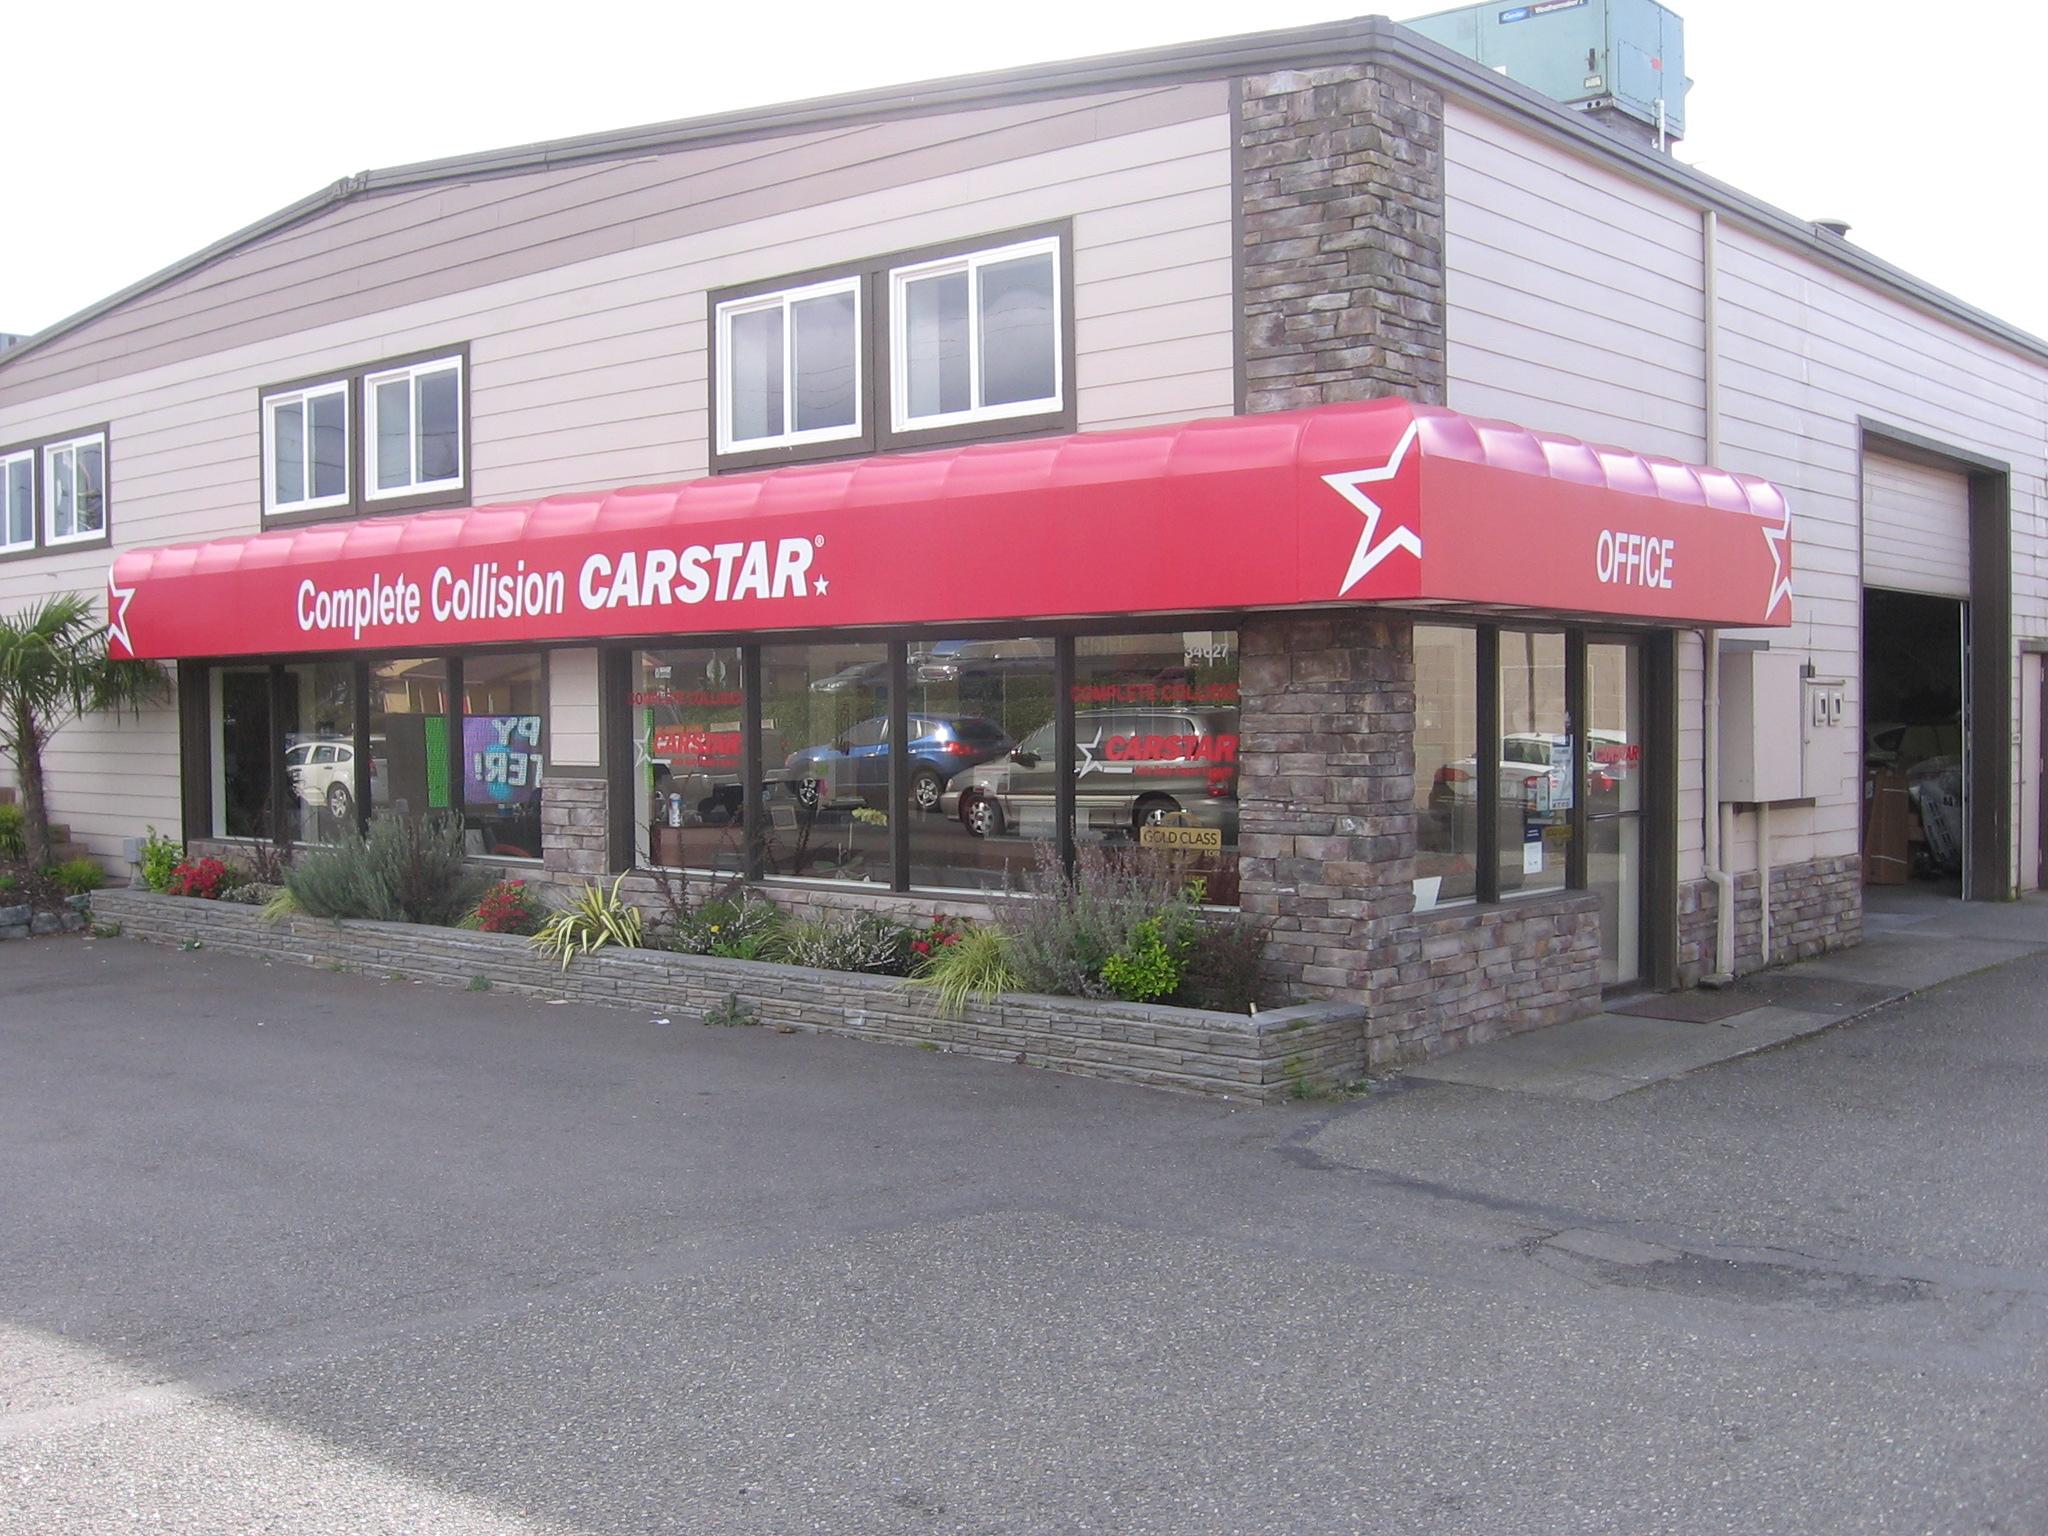 Carstar | Complete Collision CARSTAR: Exterior